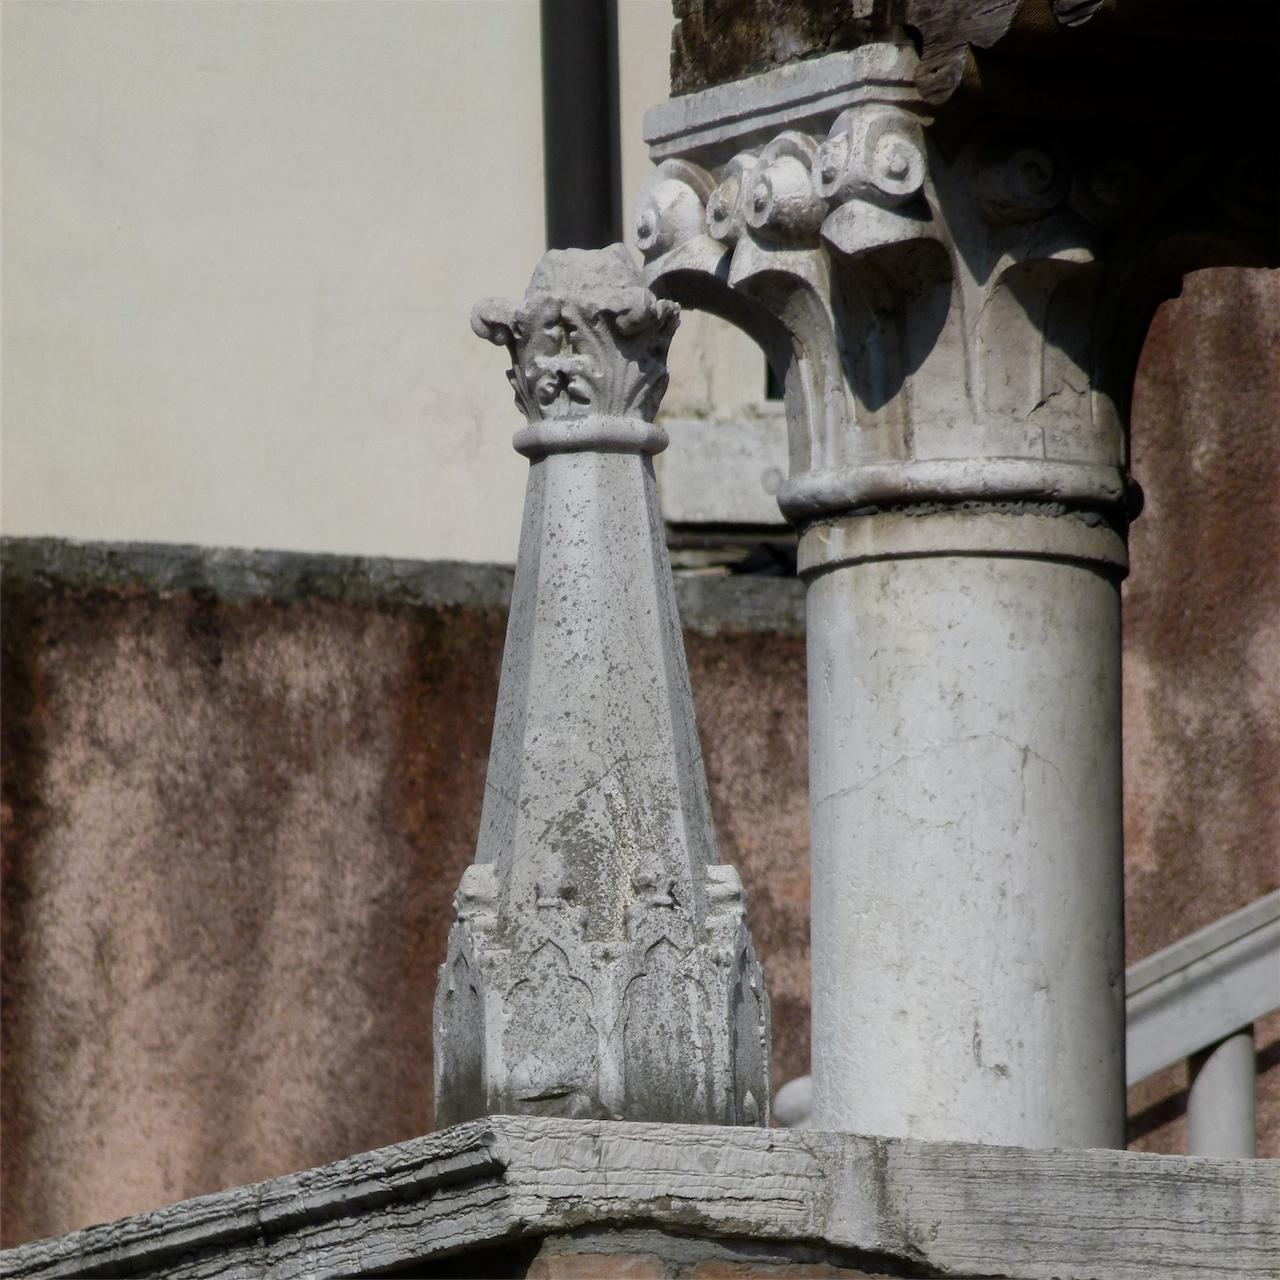 motivi decorativi vegetali, motivi decorativi ad archi trilobati (guglia, frammento) - ambito italiano (sec. XIV)